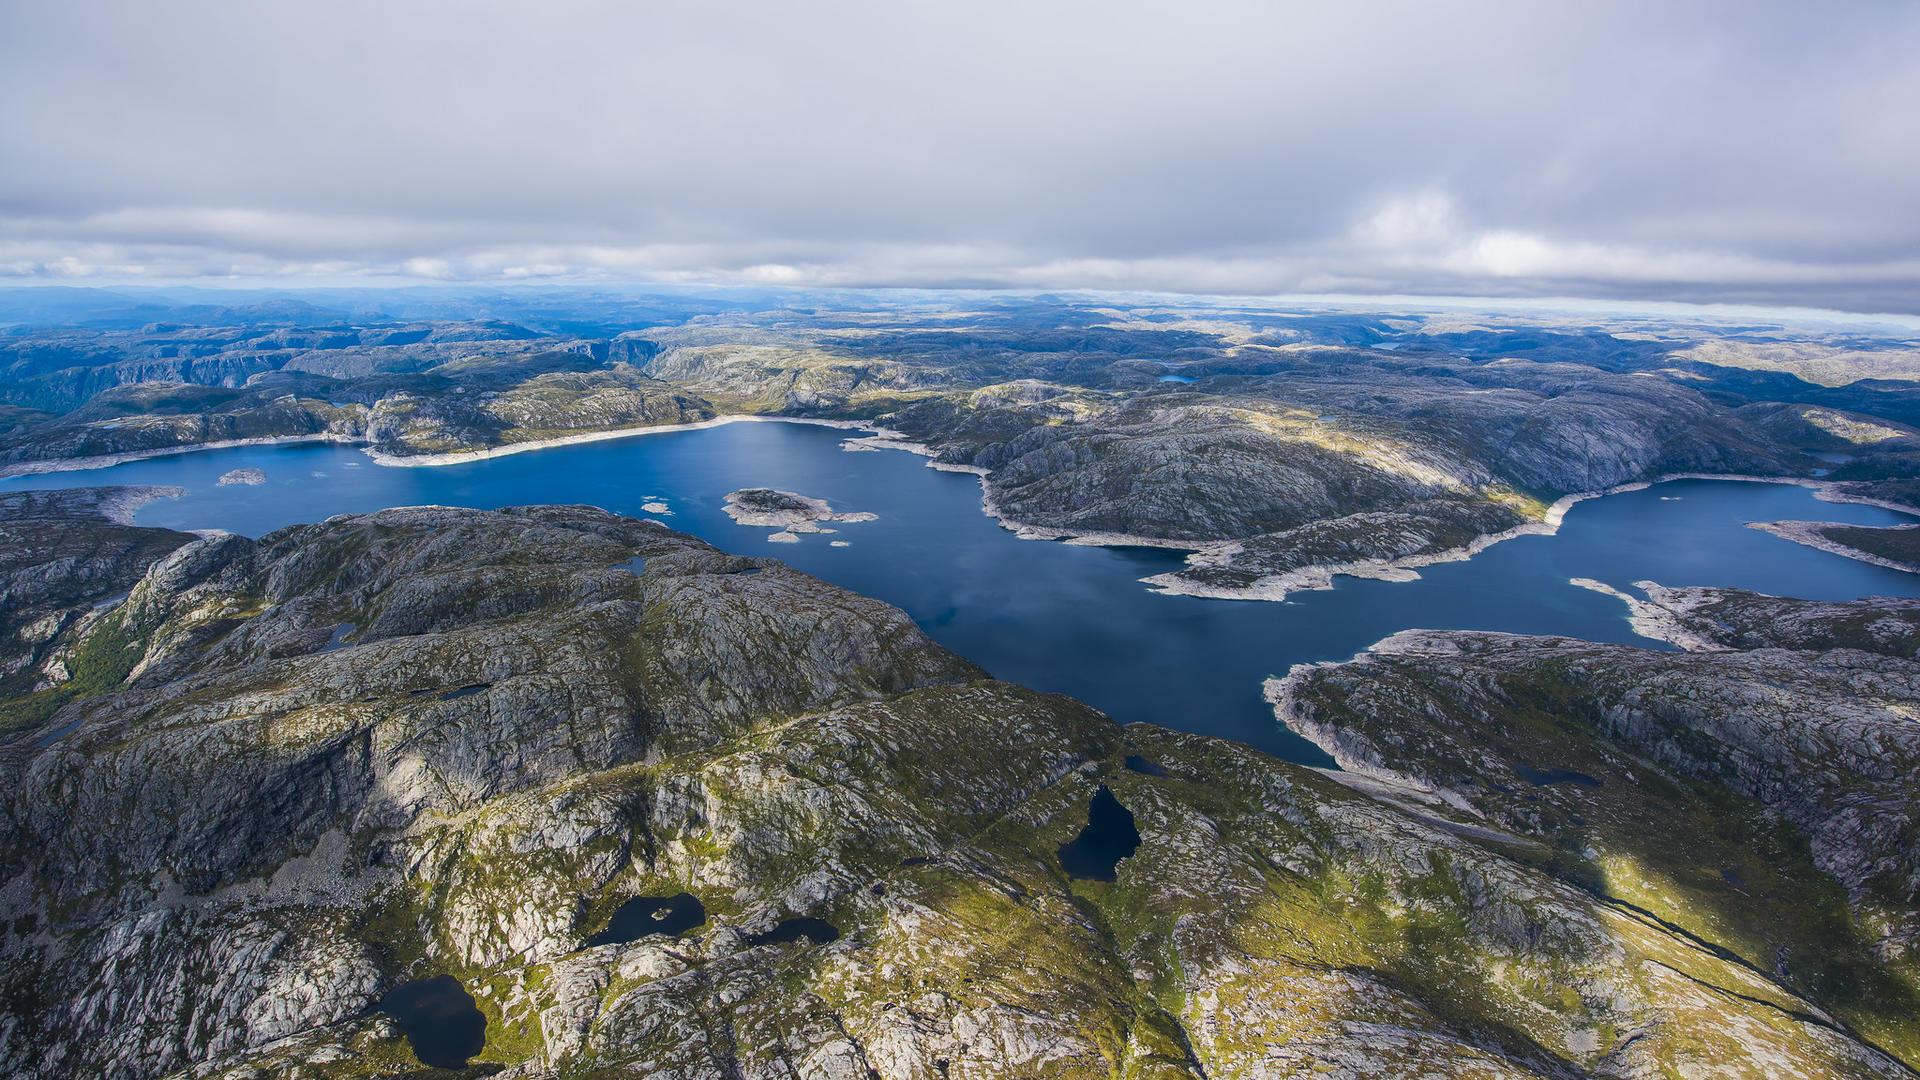 Lyngsvatn vannmagasin i Lyseheiene bidrar til fornybar energiproduksjon. Foto: Kristofer Ryde.